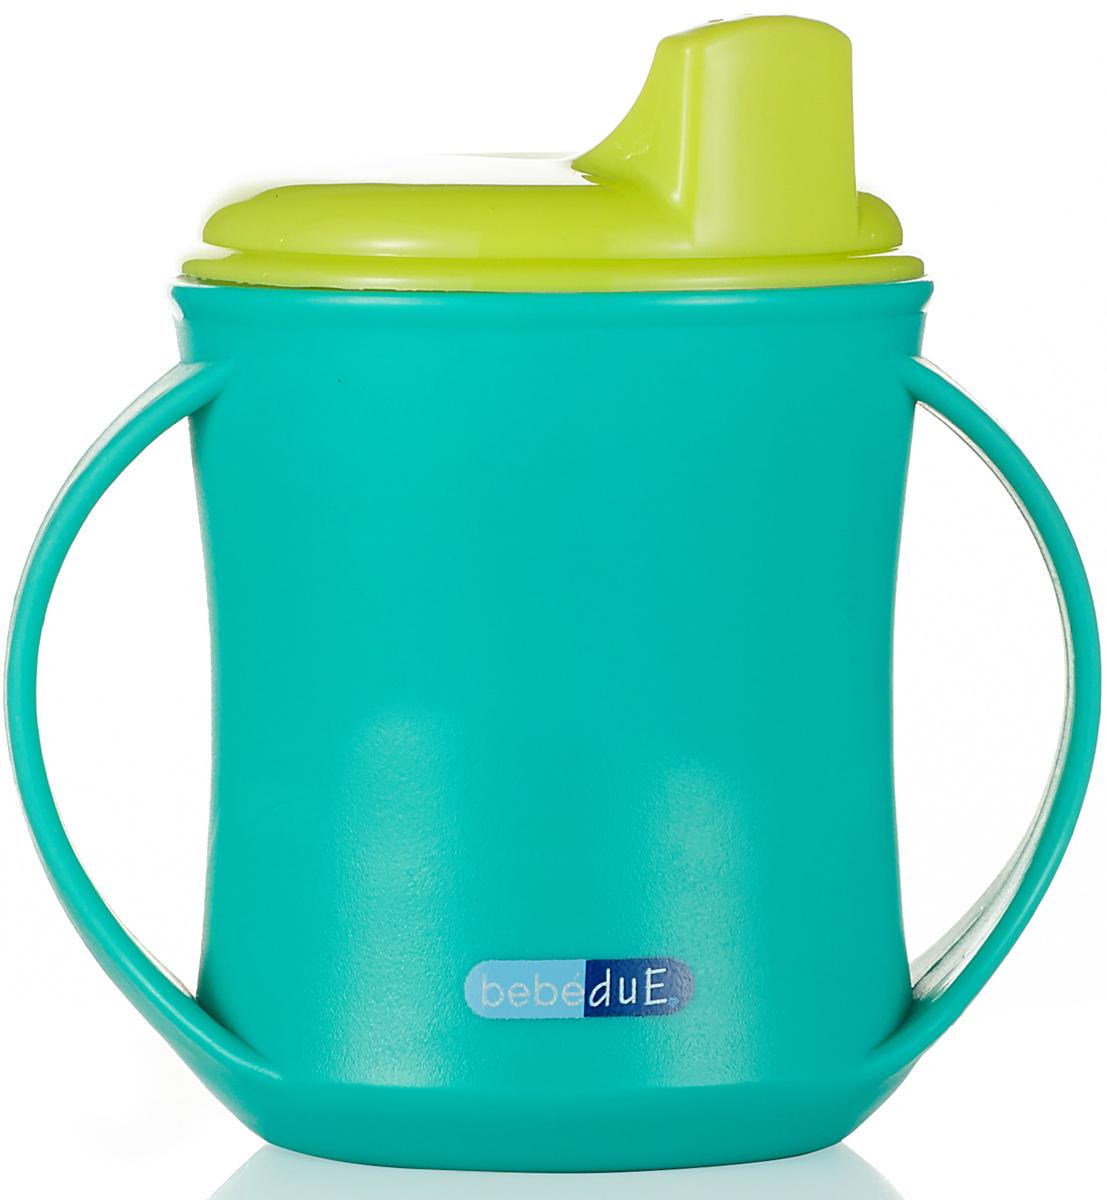 Bebe Due Чашка-поильник 2в1 210 мл цвет бирюзовый салатовый с 18 месяцев поильники bebe due чашка непроливайка bebe due medic